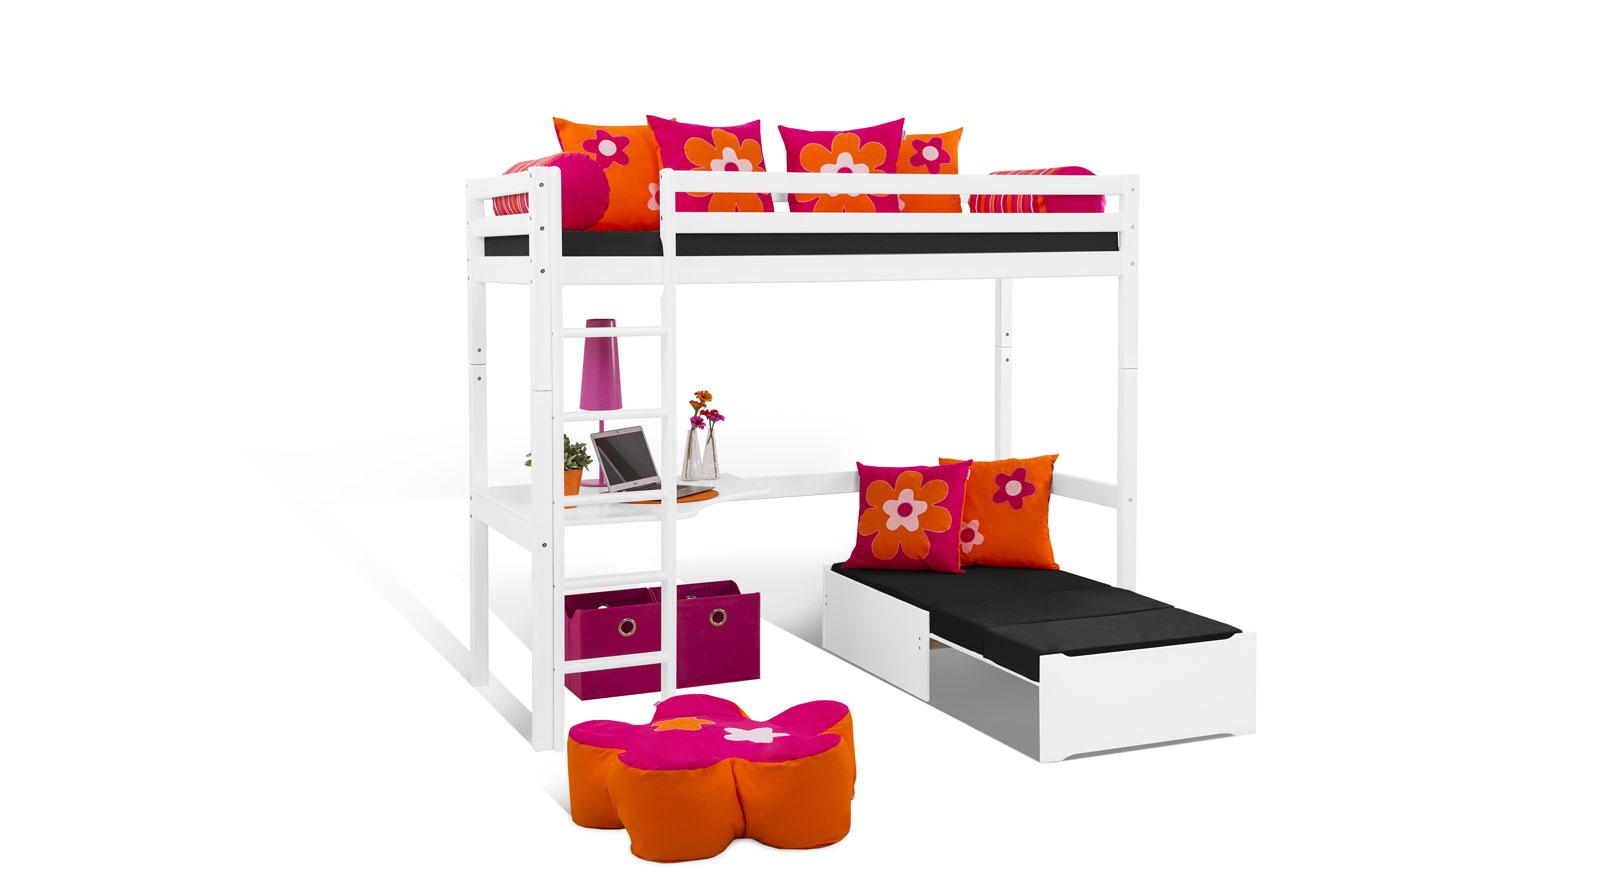 Passende Produkte zum Hochbett Kids Heaven mit Loungeecke